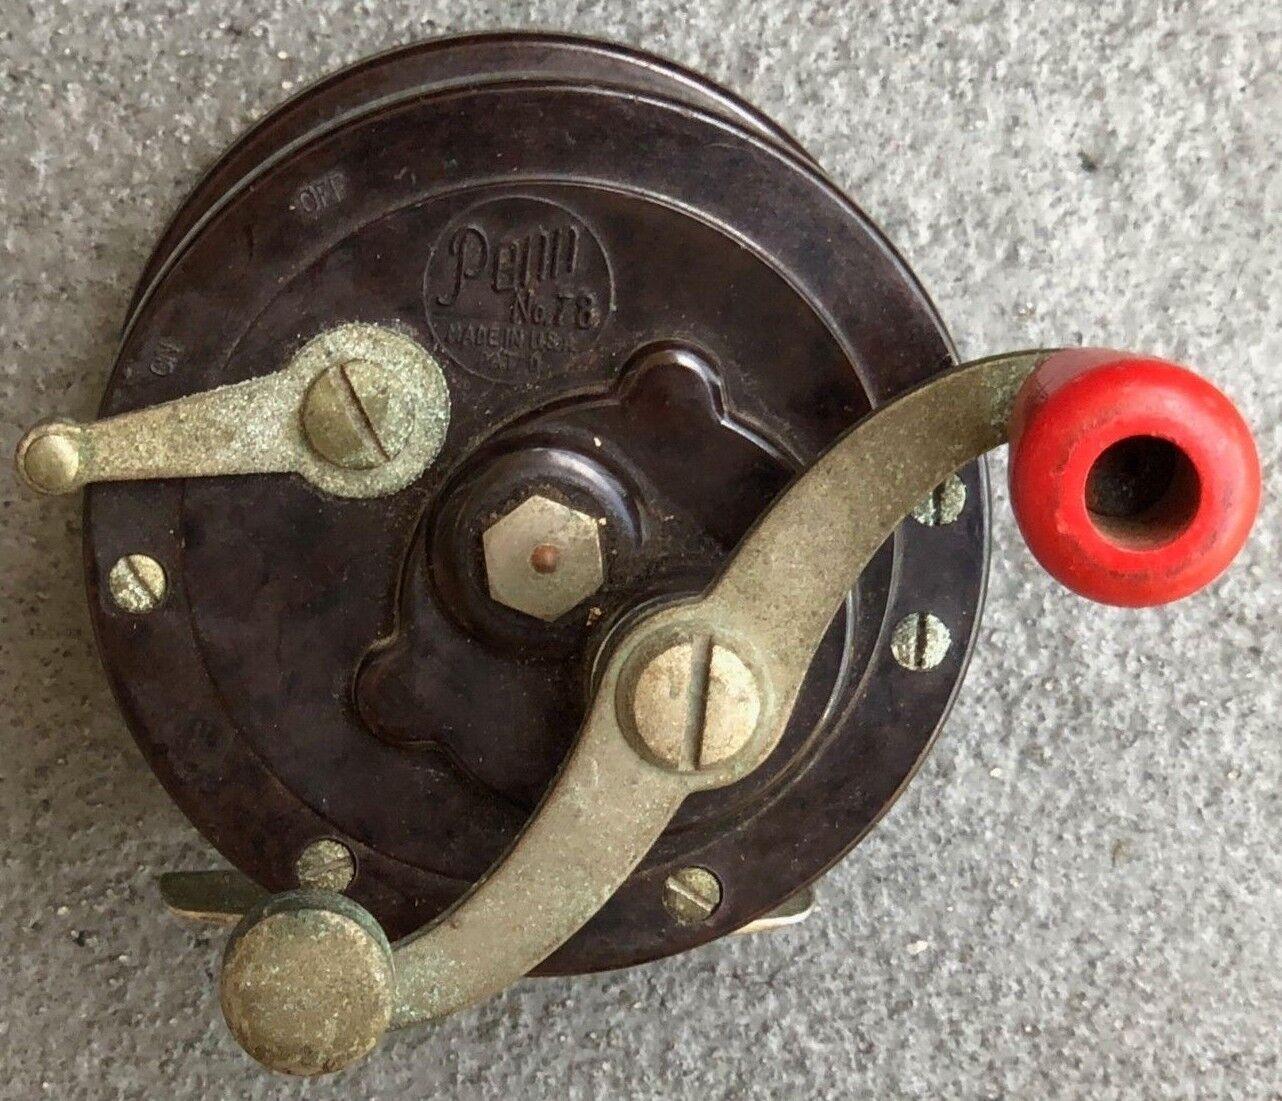 Vintage Penn 78 Level Wind Cebo Casting Reel de Pesca lados De Baquelita